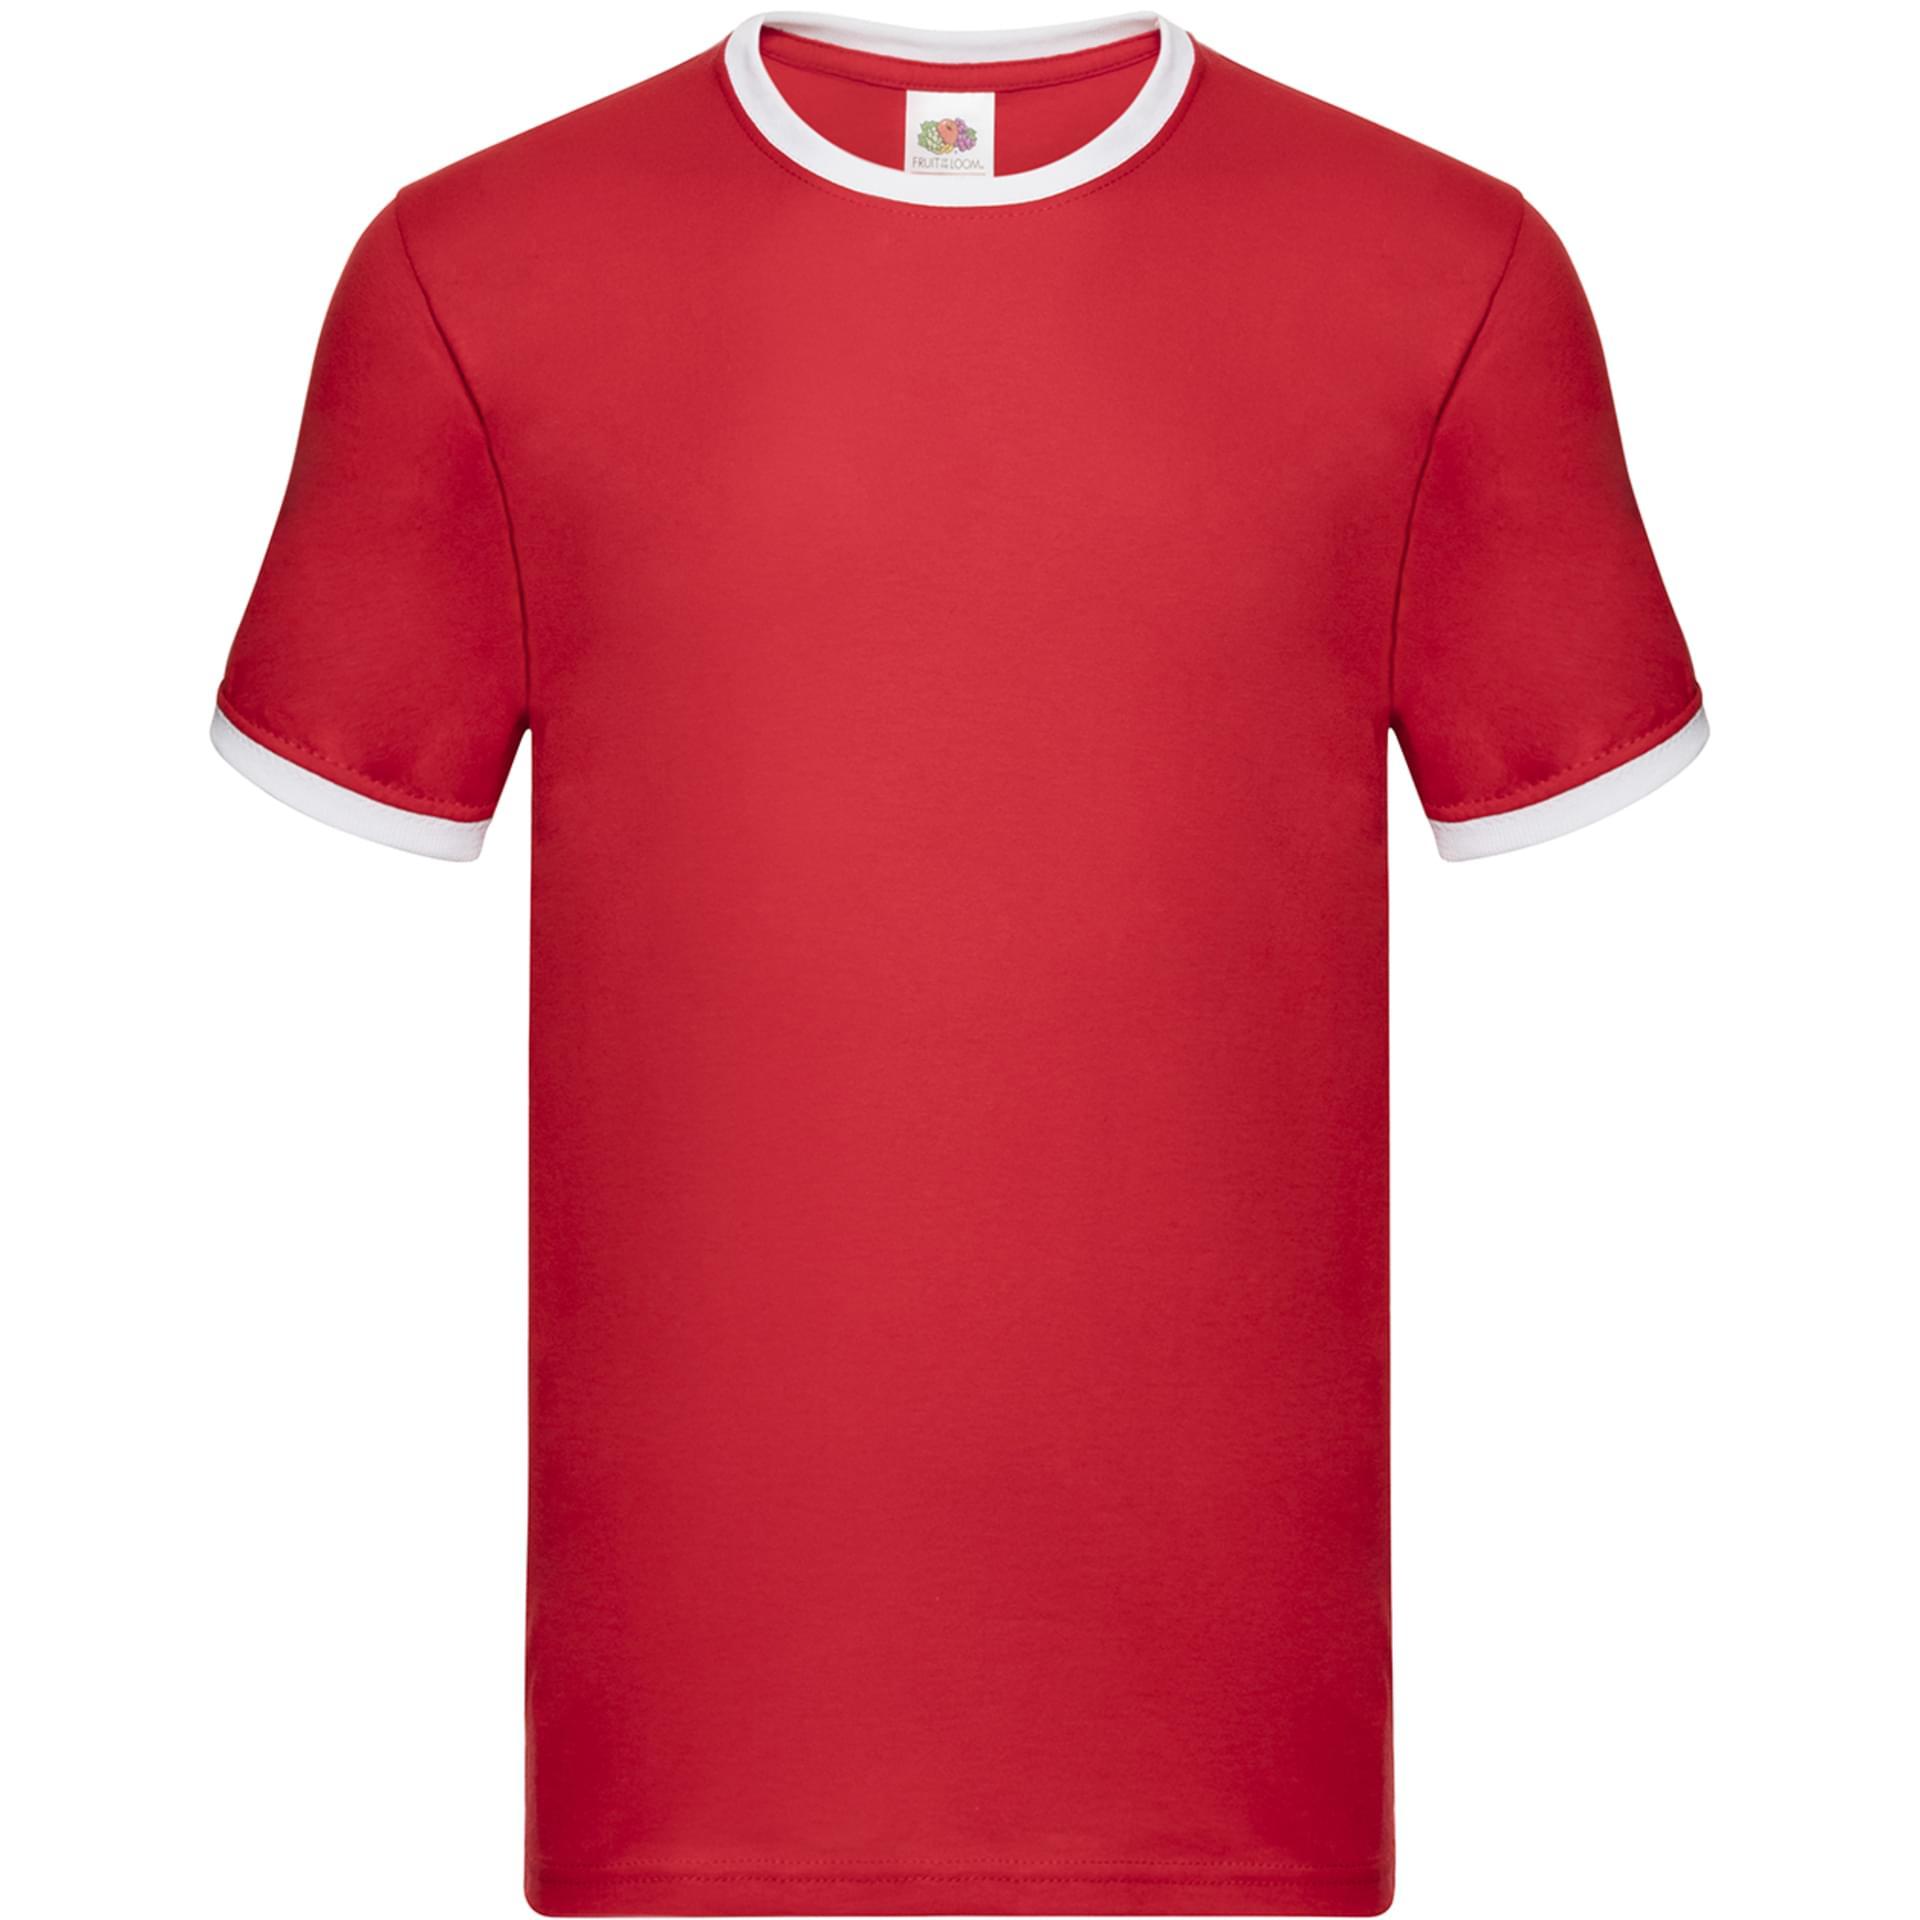 nouveau design regarder site professionnel Tee-shirt personnalisé Ringer Tee fruit of the loom rouge/blanc